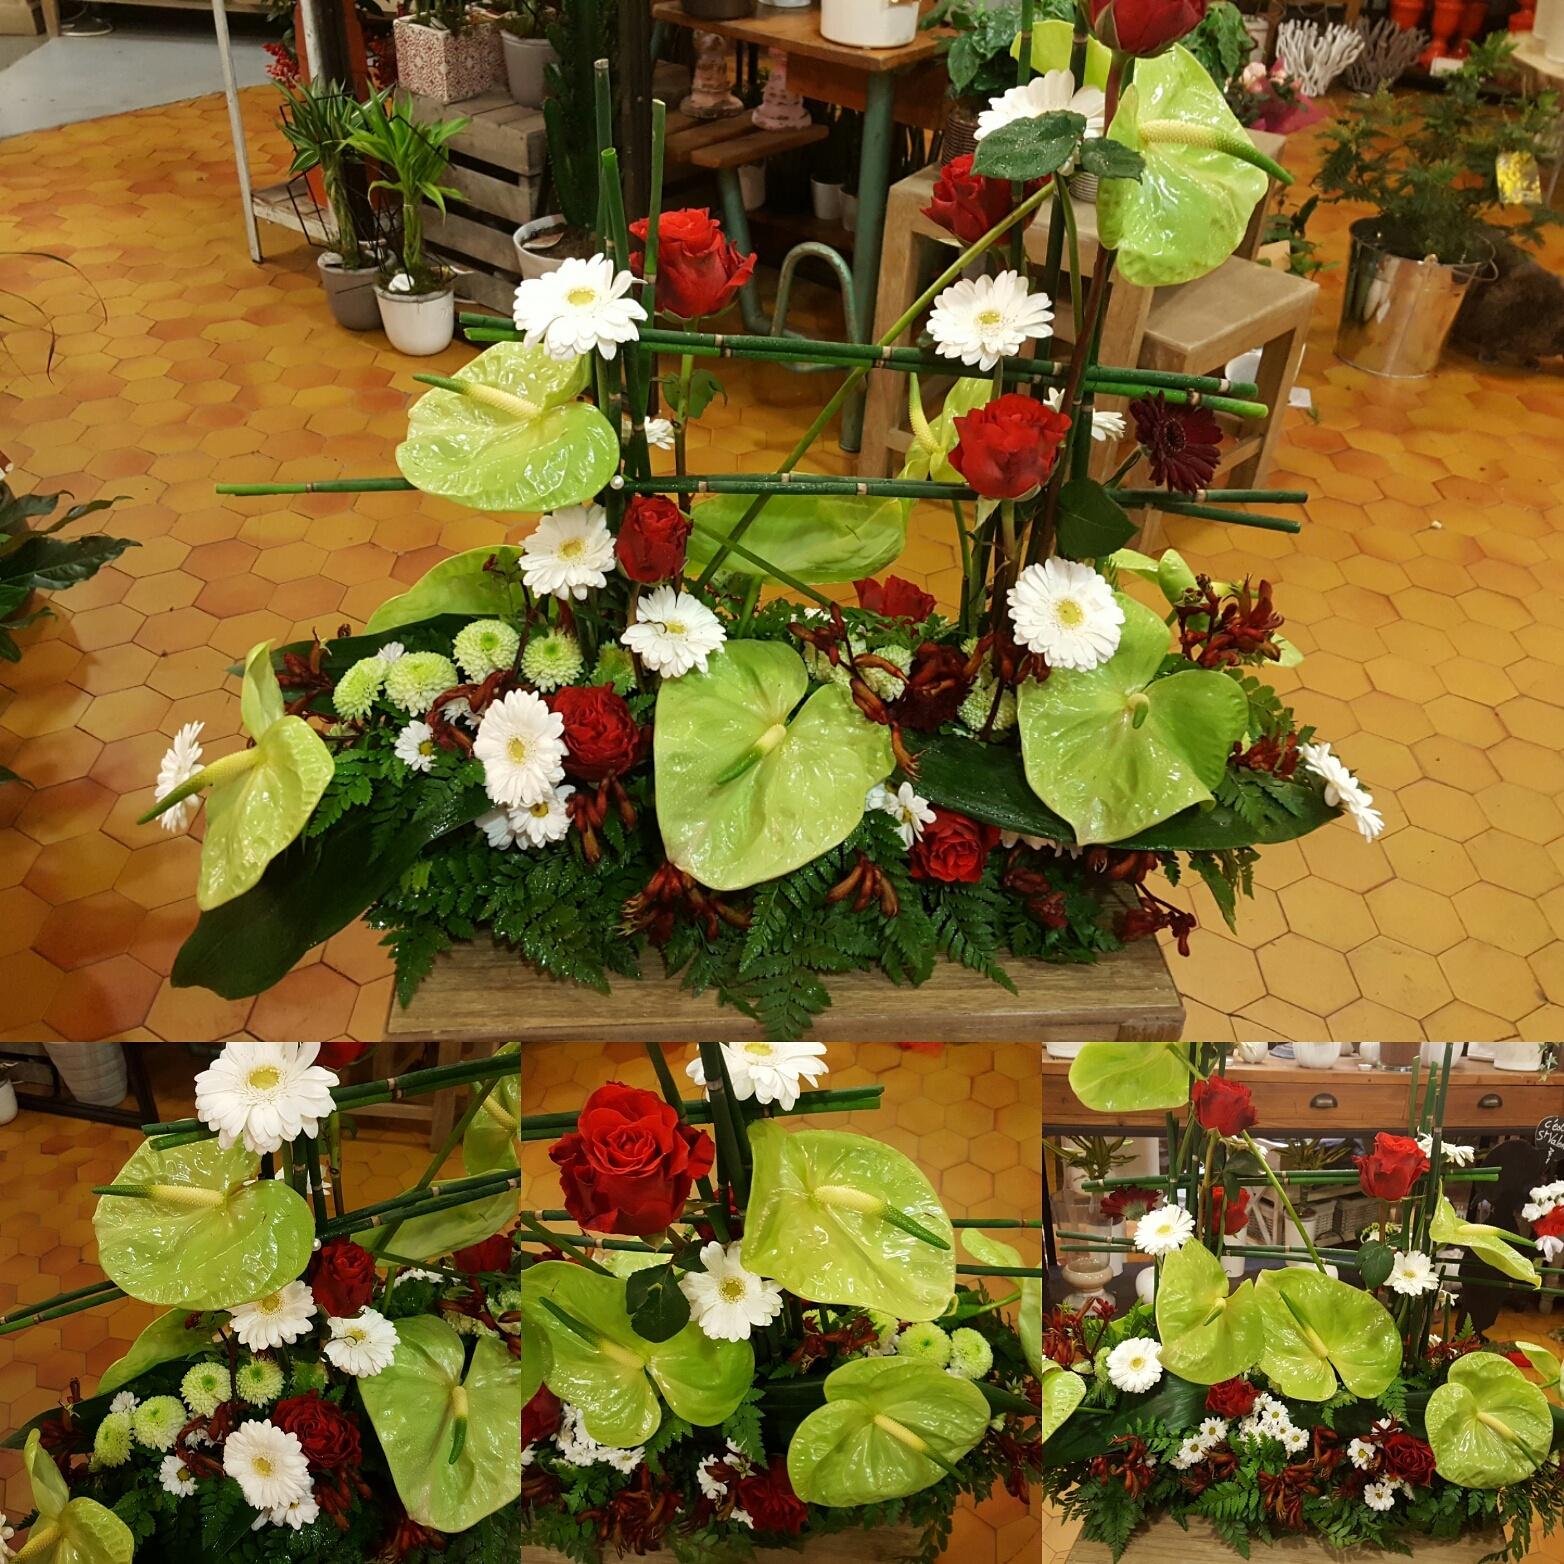 Deuil Dernier hommage coussin moderne by Hé fleur et moi #fleuriste #valenciennes #deuil #fleur #dernierhommage #lequesnoy #saintamand #denain